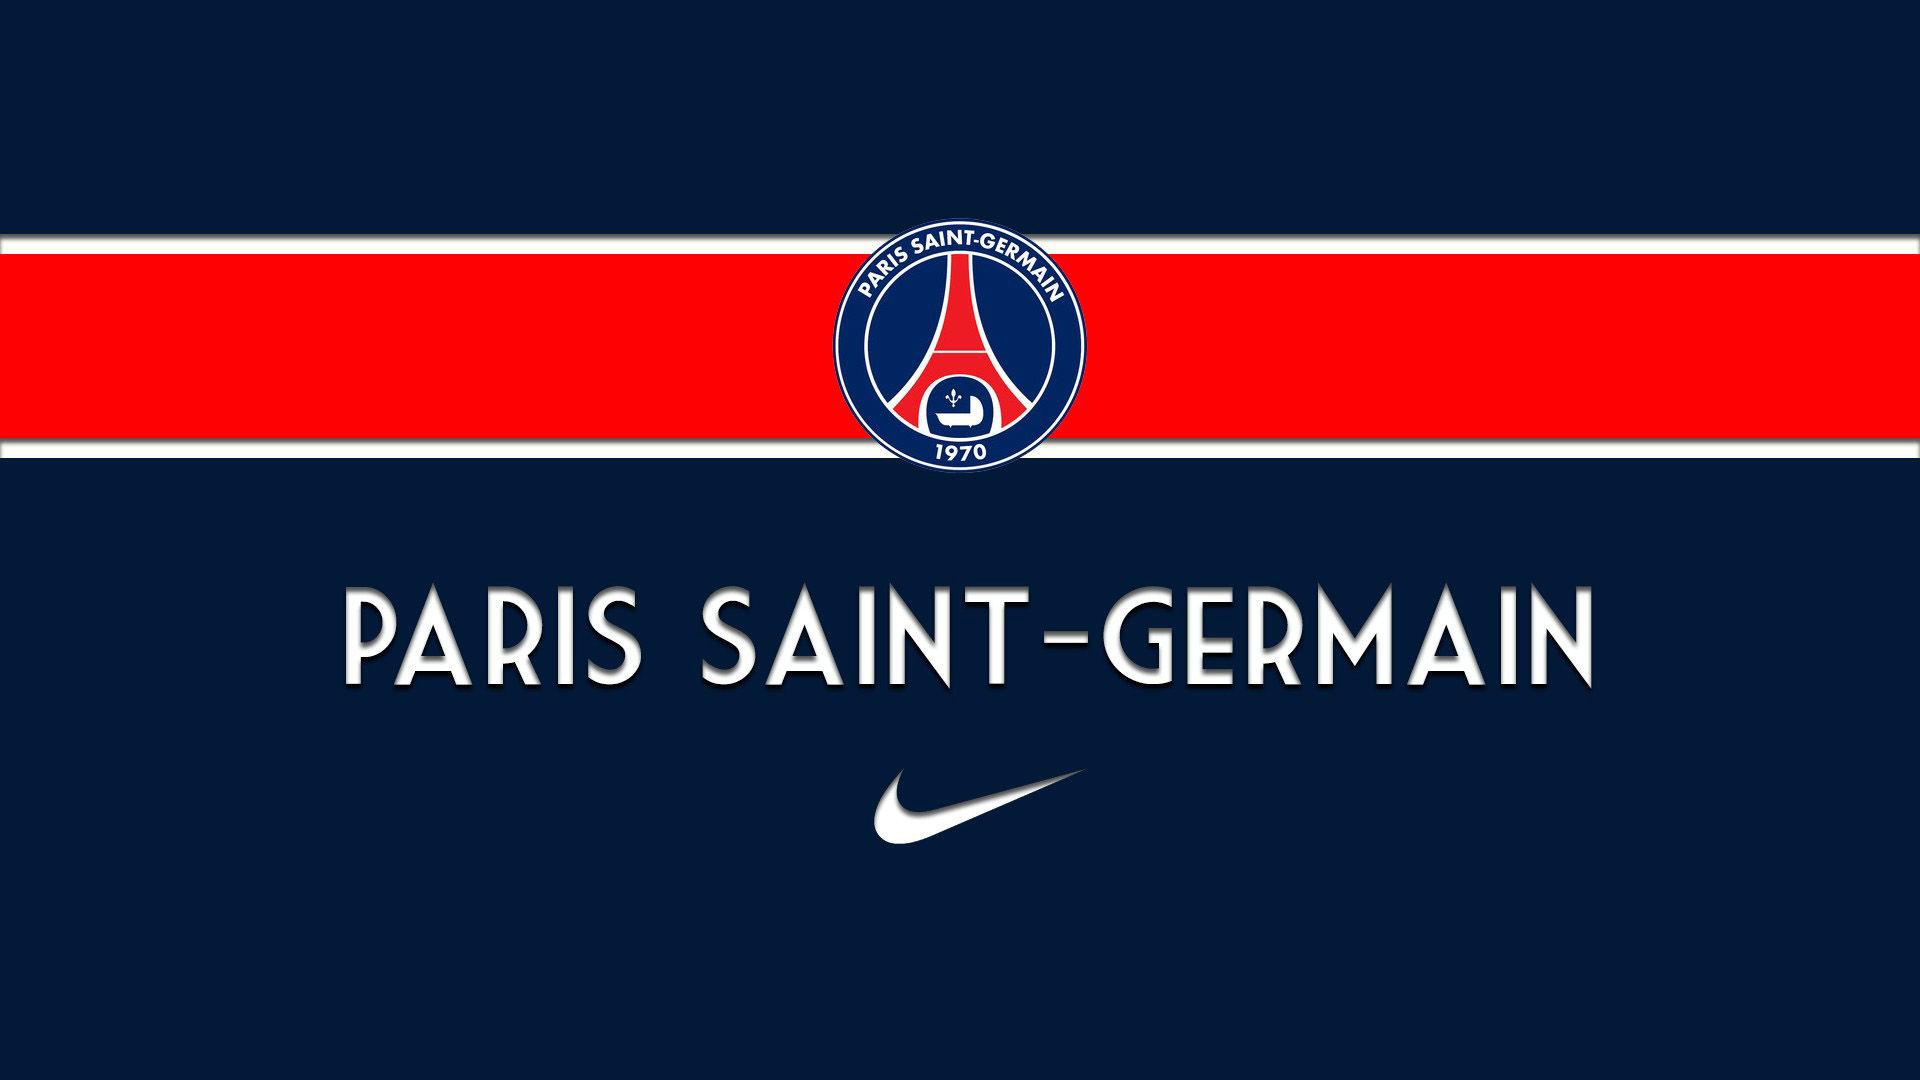 psg paris saint germain - photo #13